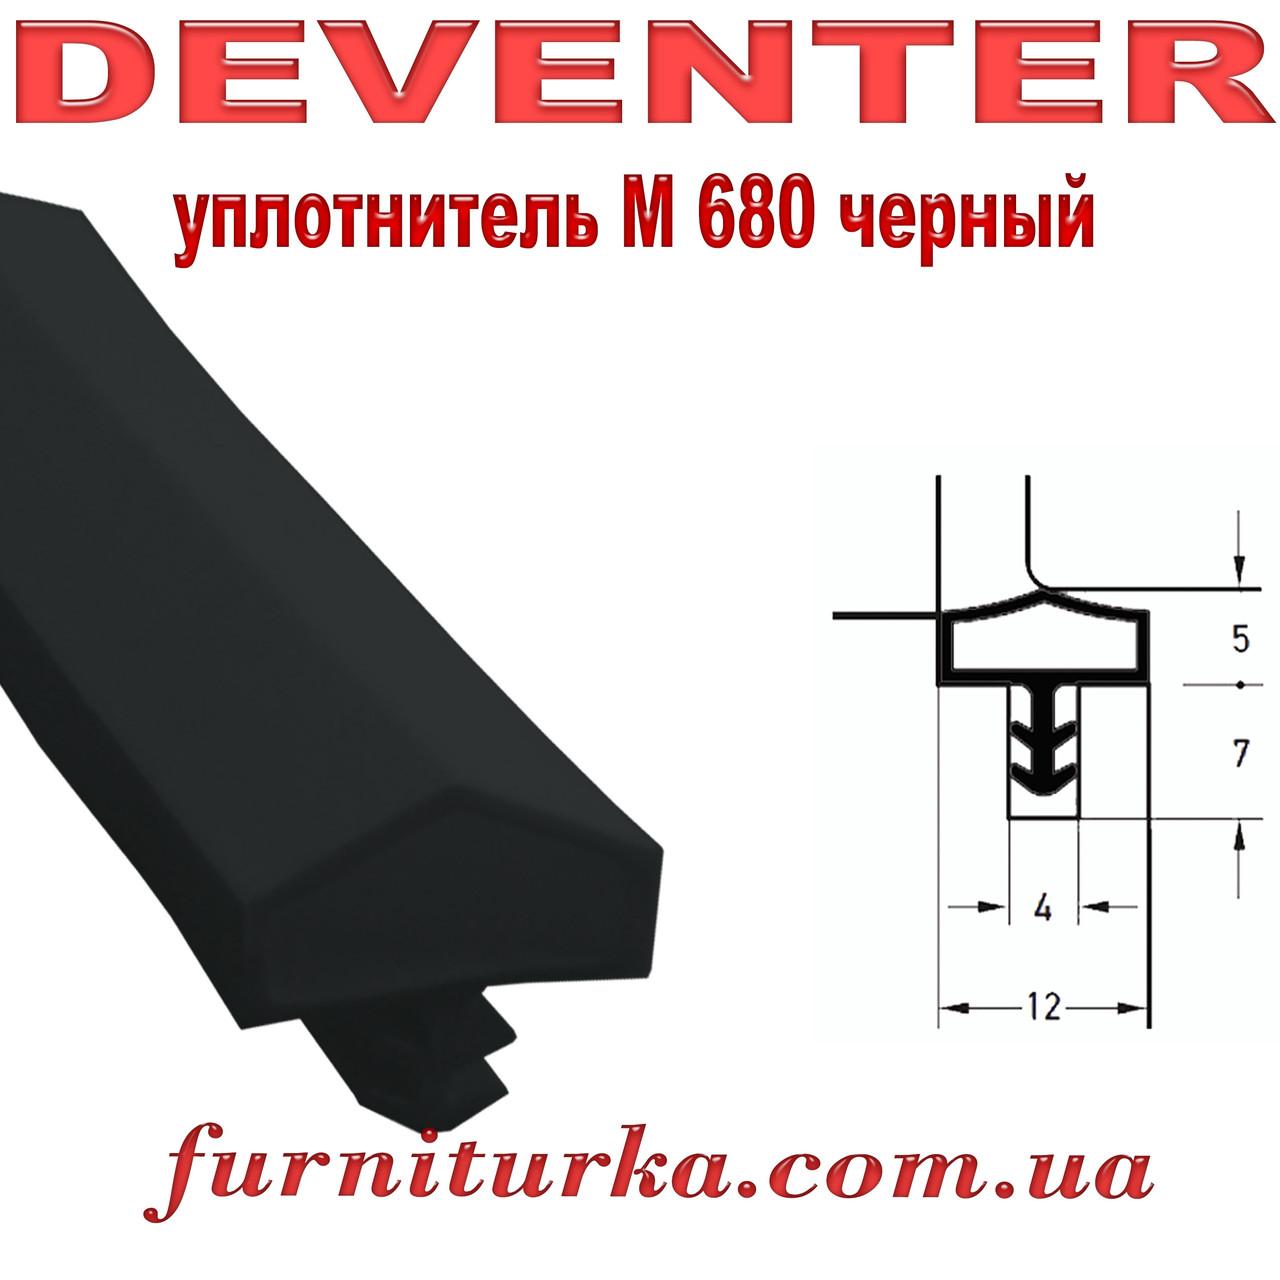 Уплотнитель дверной Deventer М 680 черный Германия